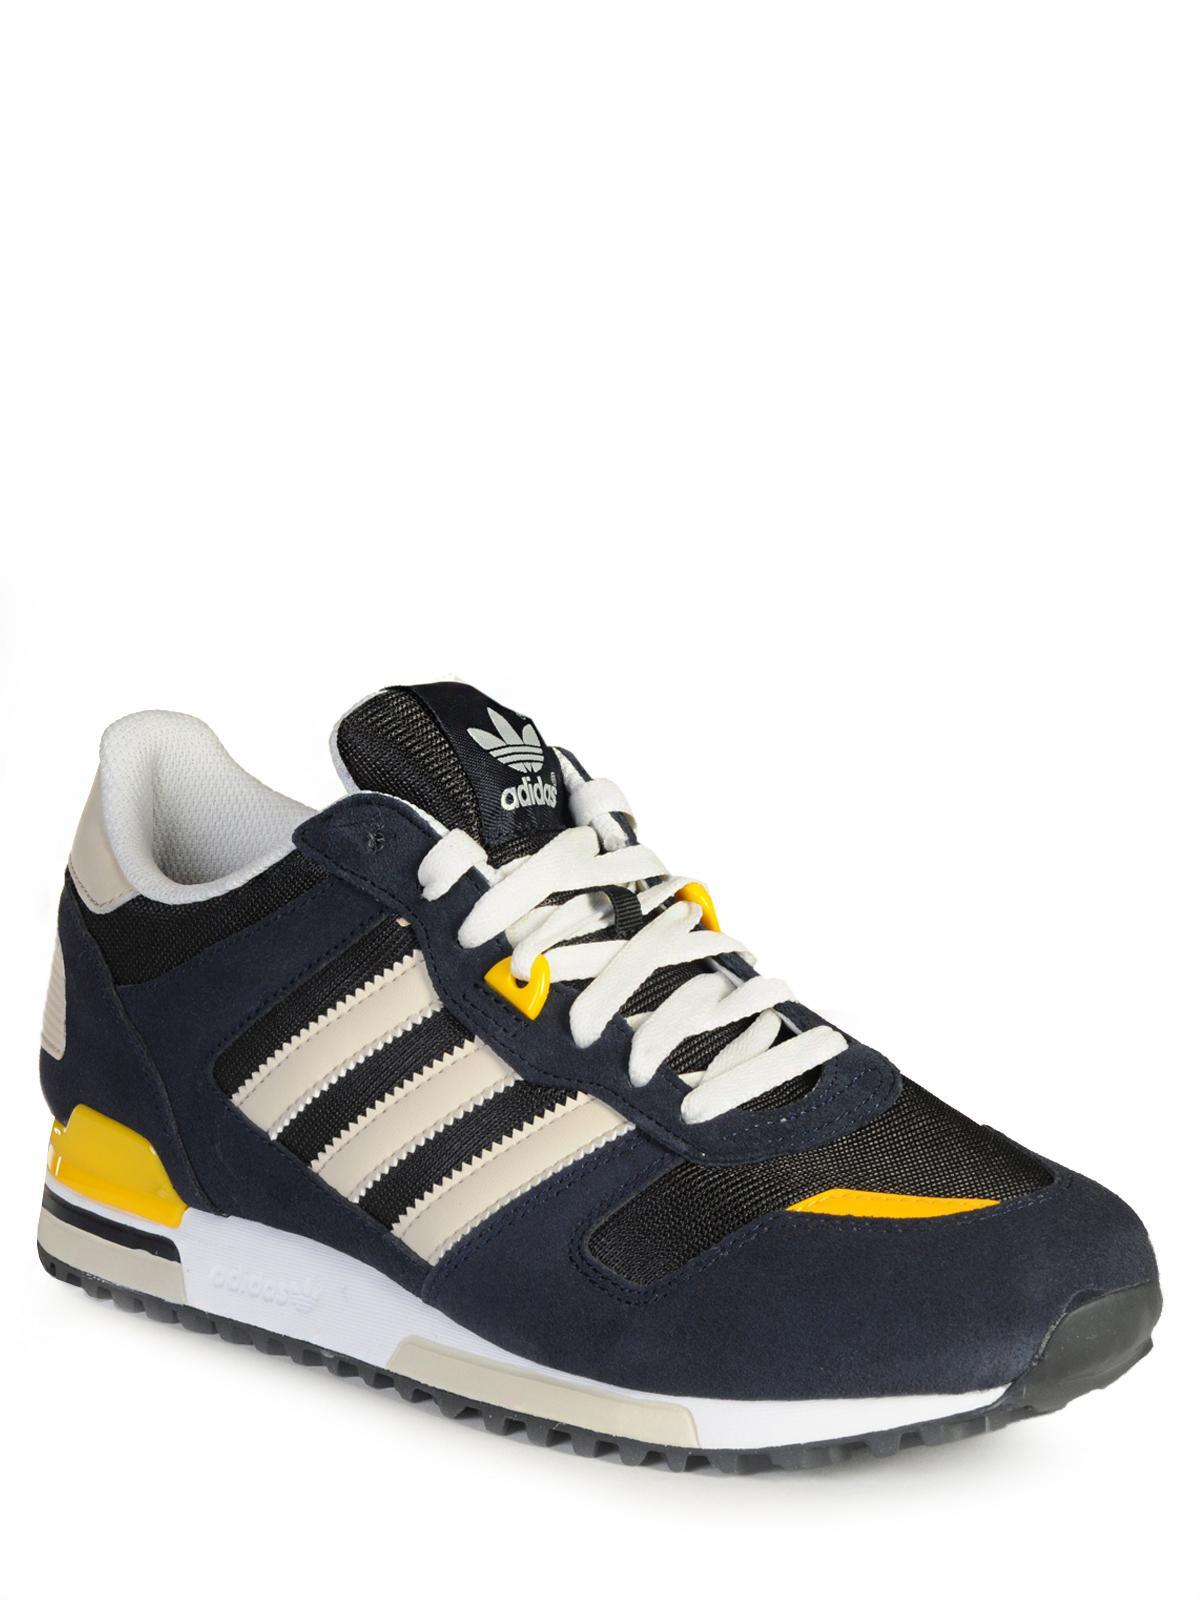 4731ffda37 Foto Adidas ZX 700 M Zapatillas legink bliss negro1 EU  44 foto 217910